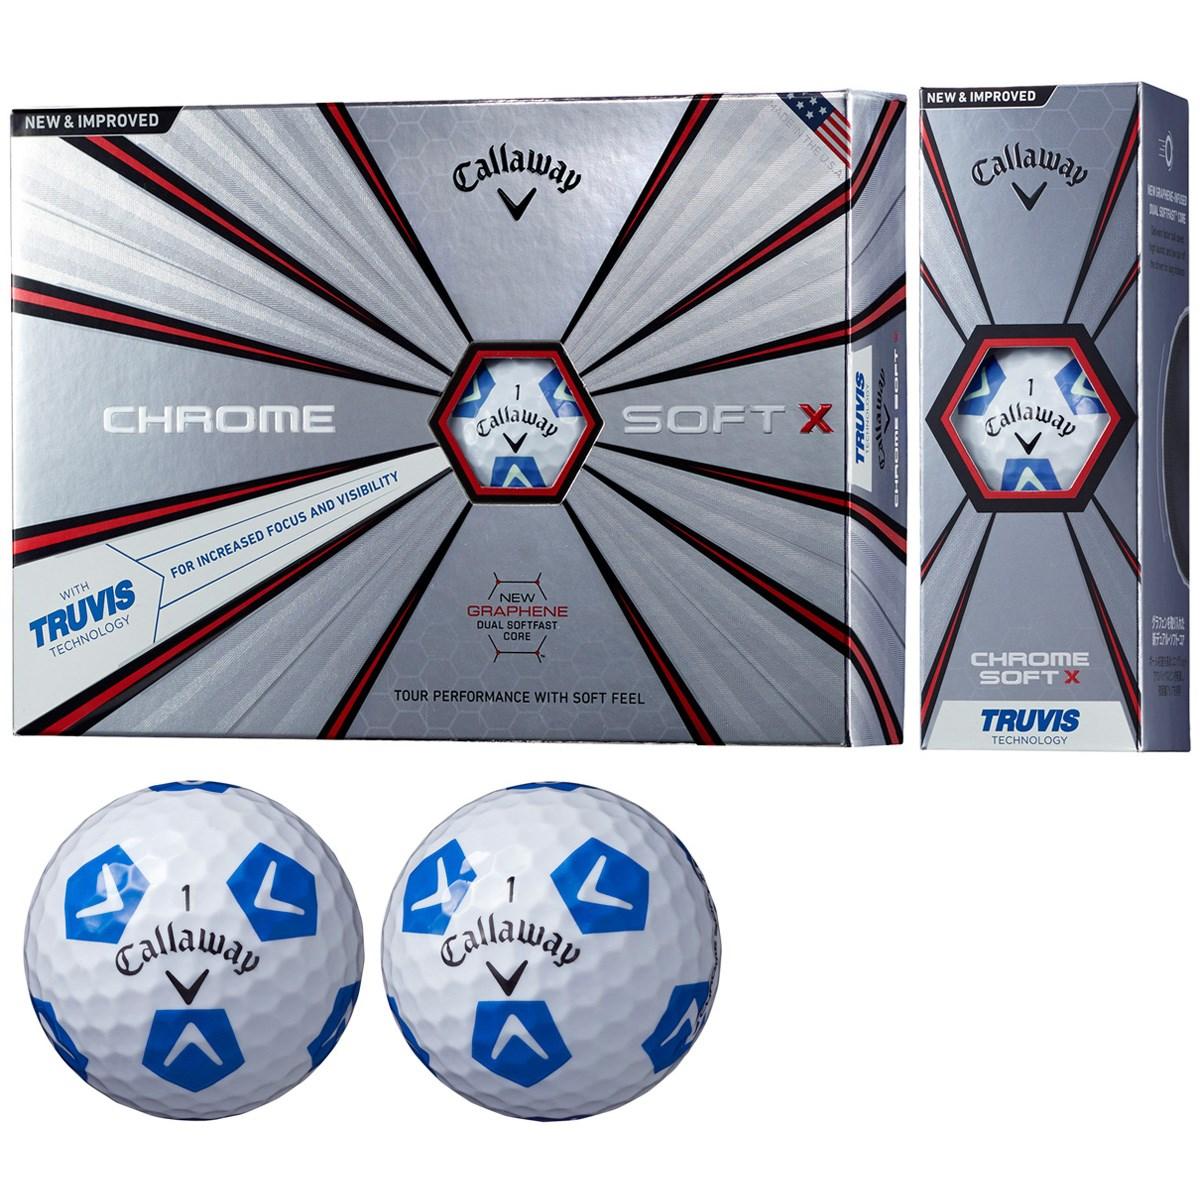 CHROME SOFT X TRUVIS ボール【ホワイト/ブルー】